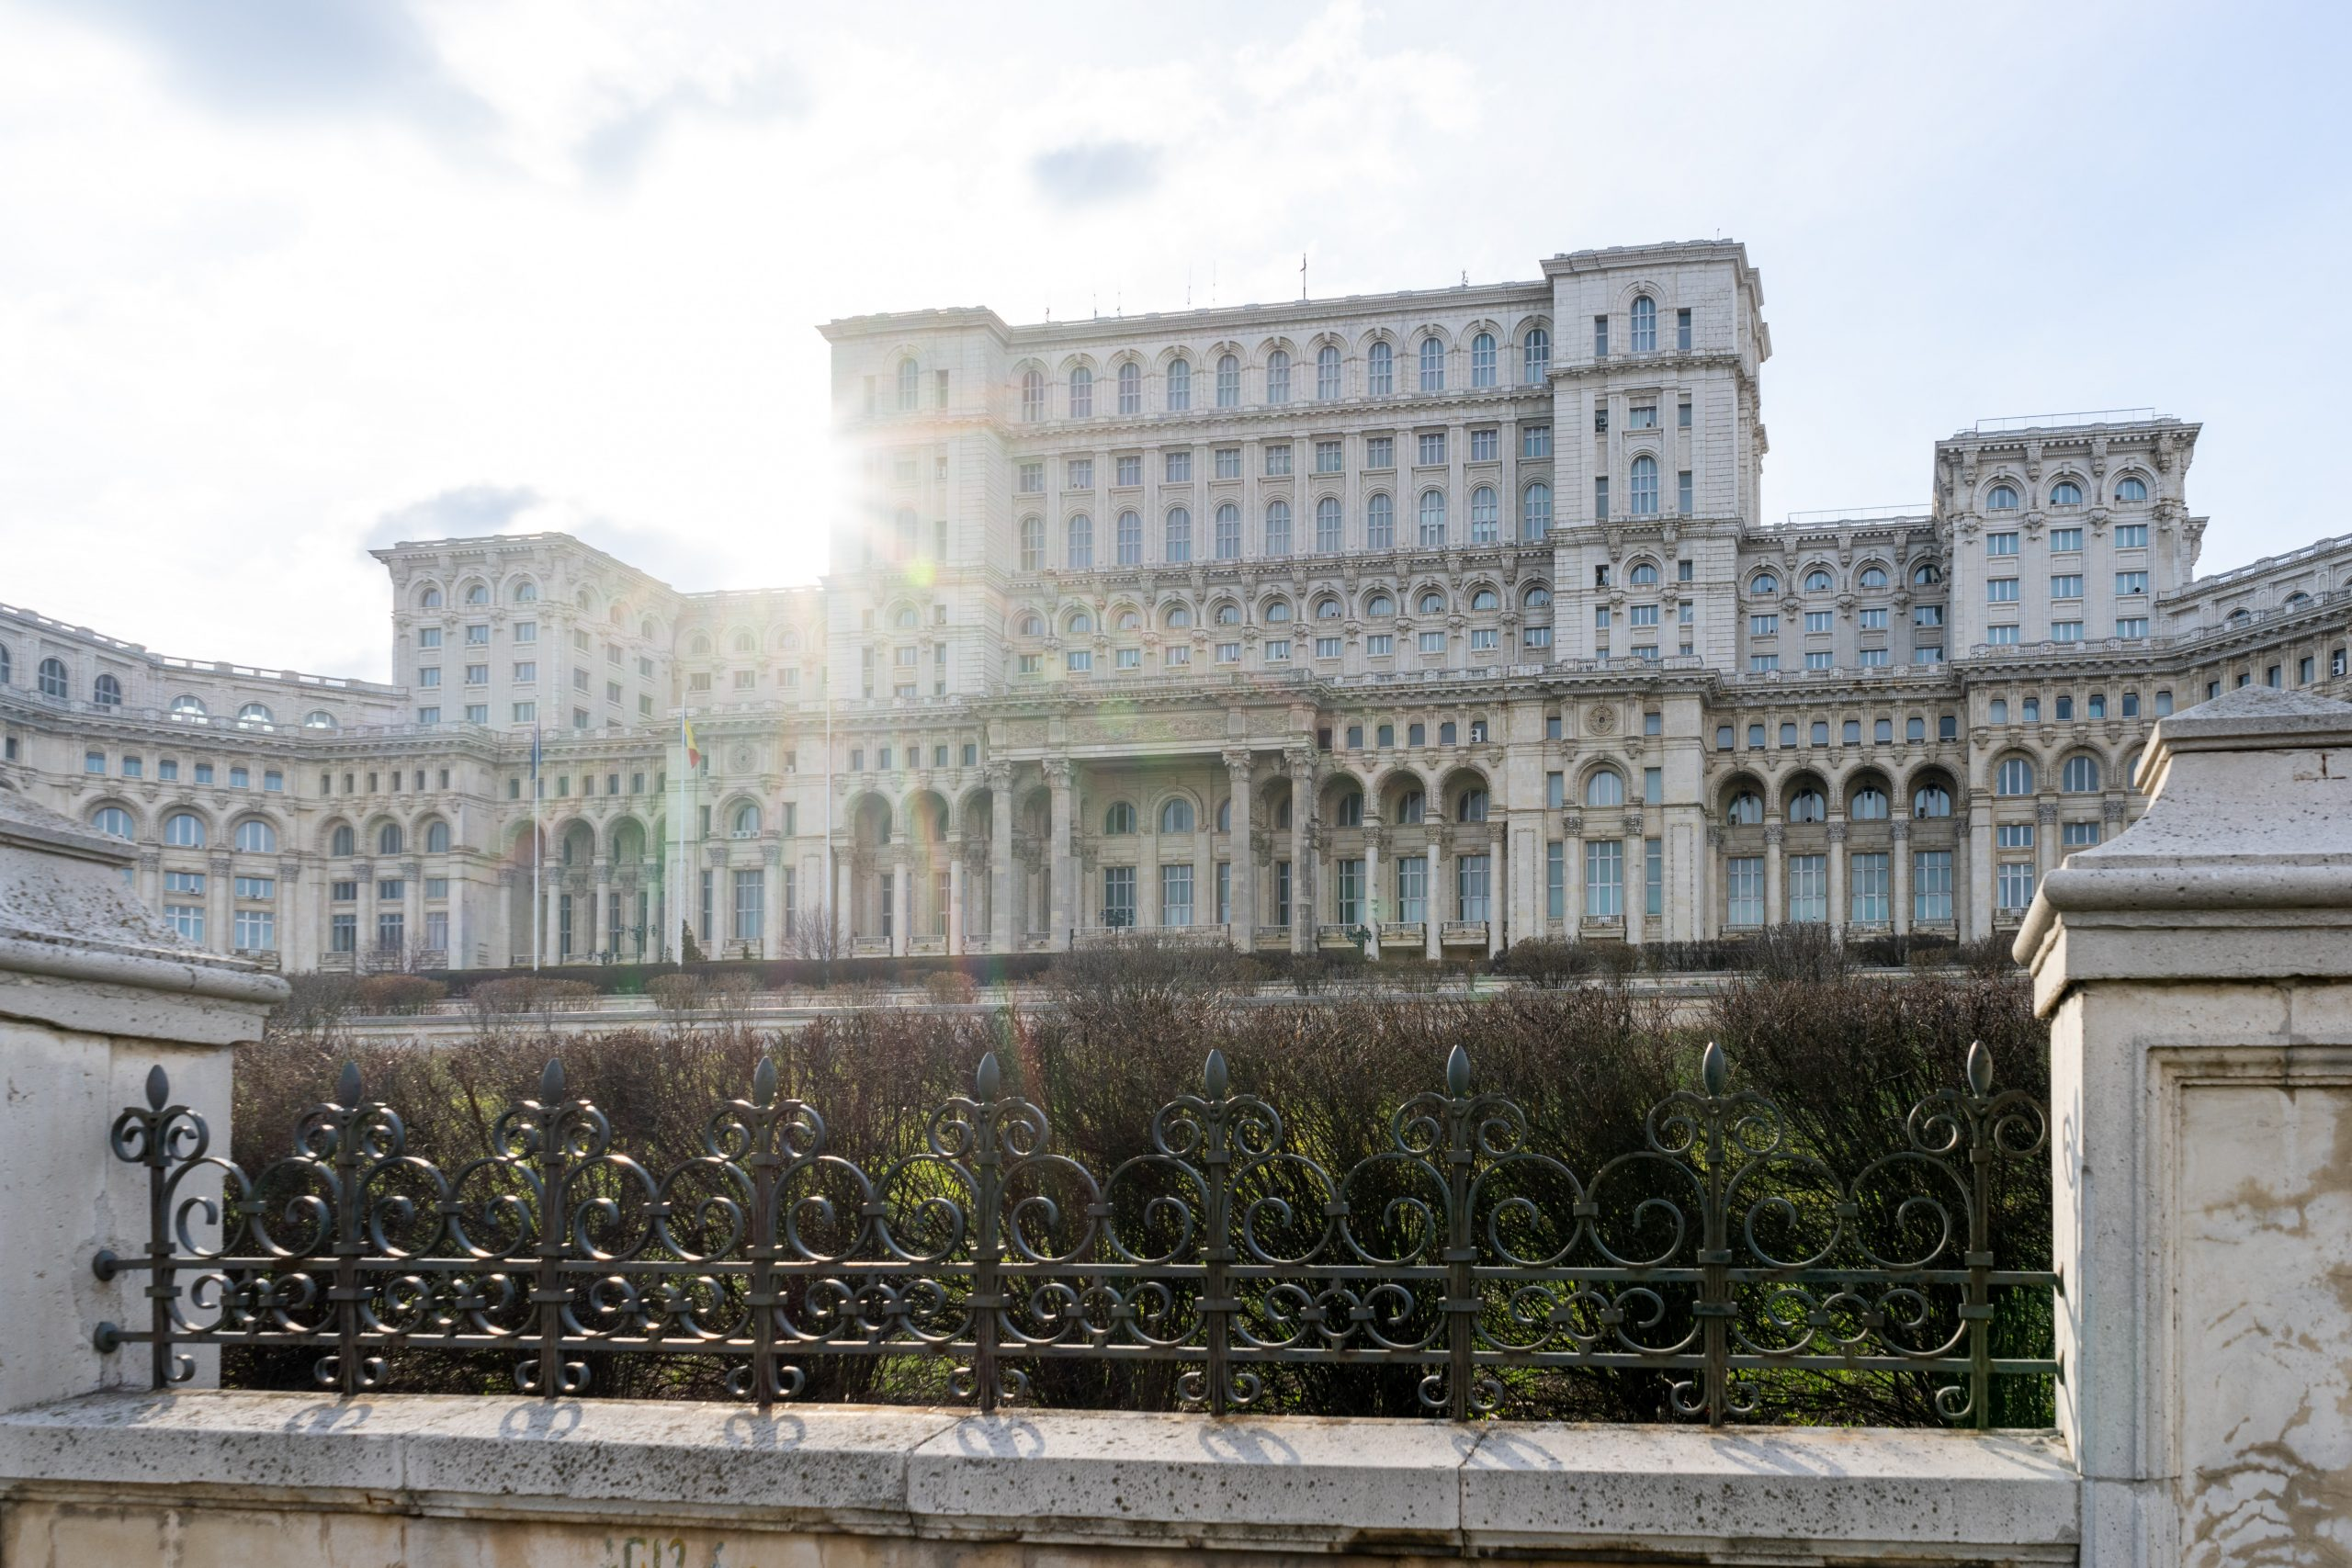 Vremea în București. Căldură mare, mon cher, la orele amiezii